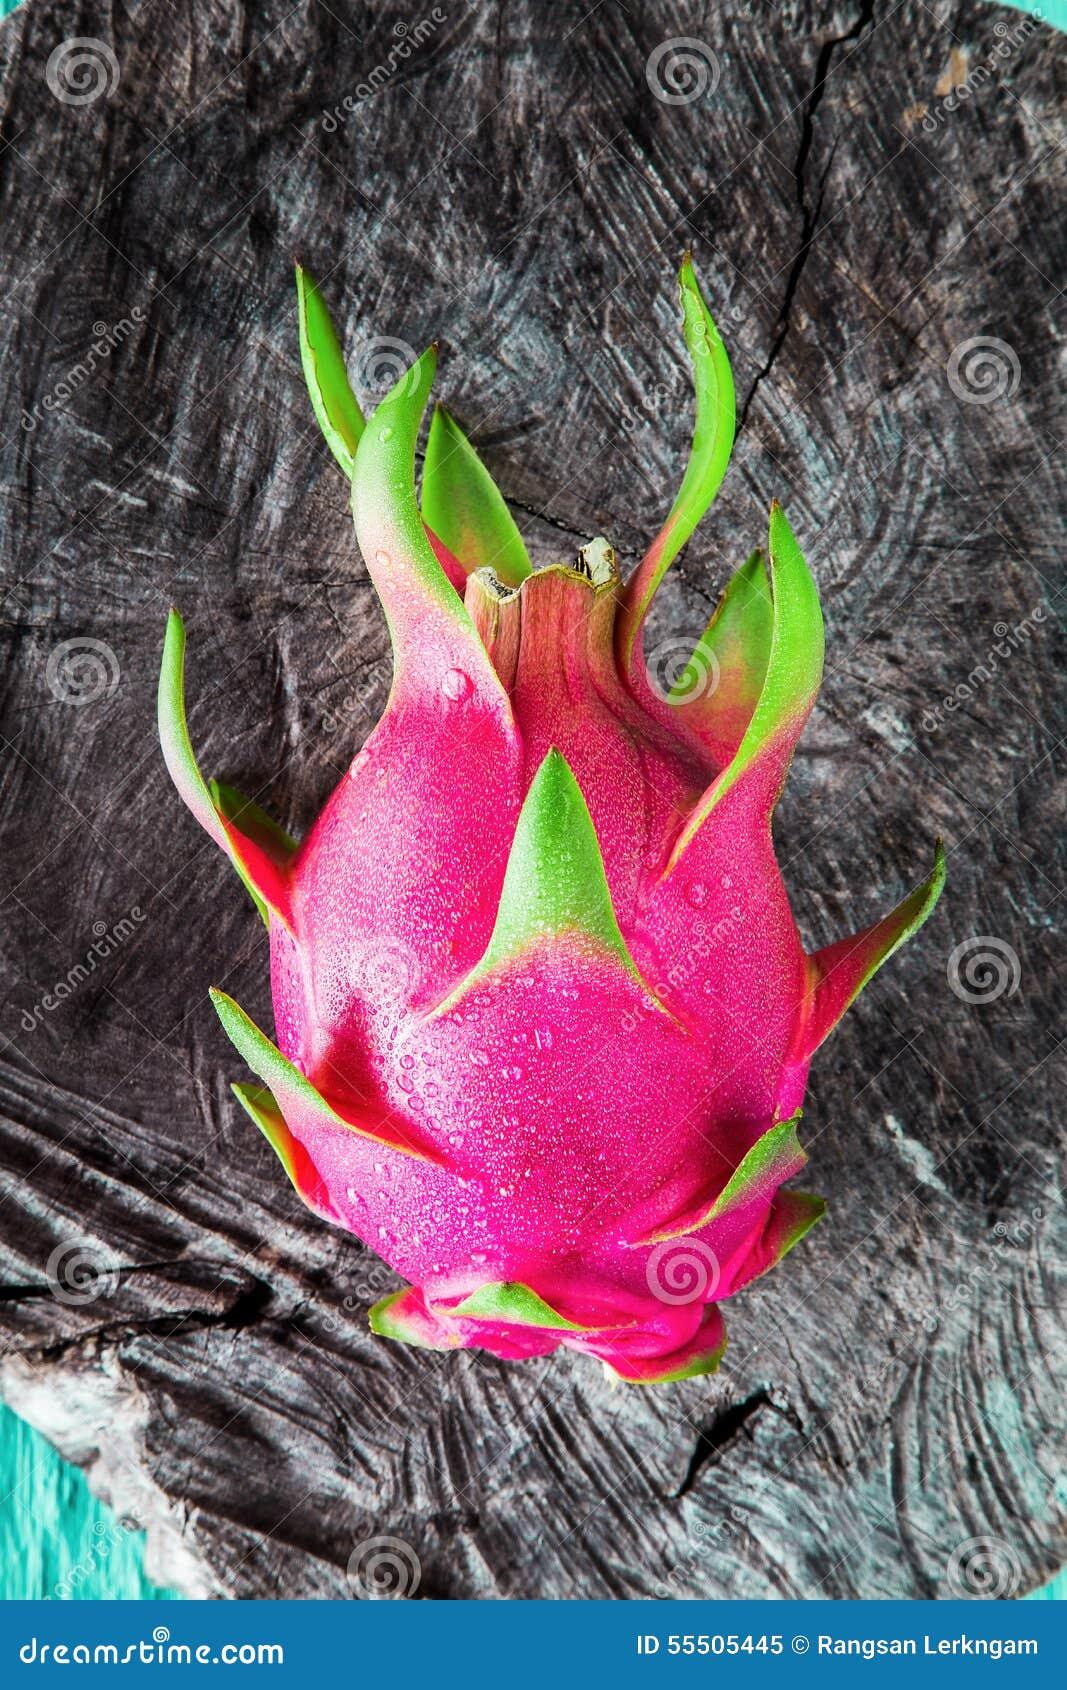 Fruit du dragon frais de l 39 arbre photo stock image 55505445 - Arbre fruit du dragon ...